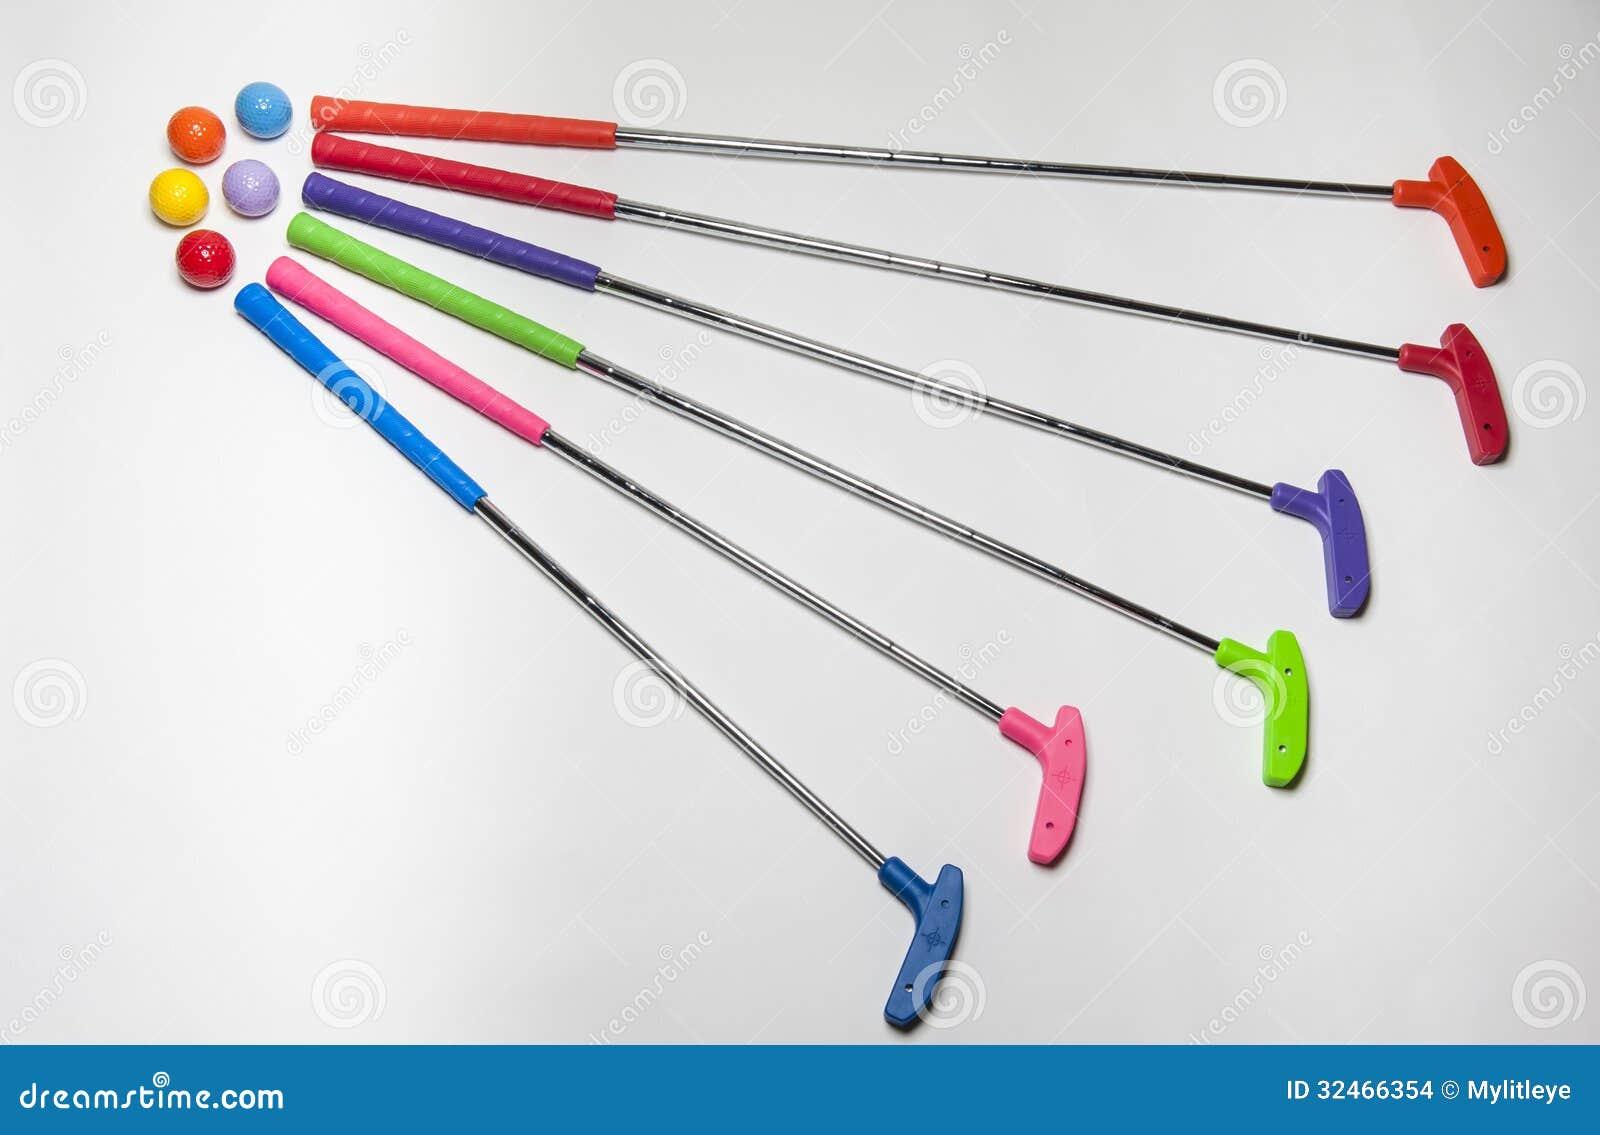 Mini Golf Putter Brightly colored Mini Golf